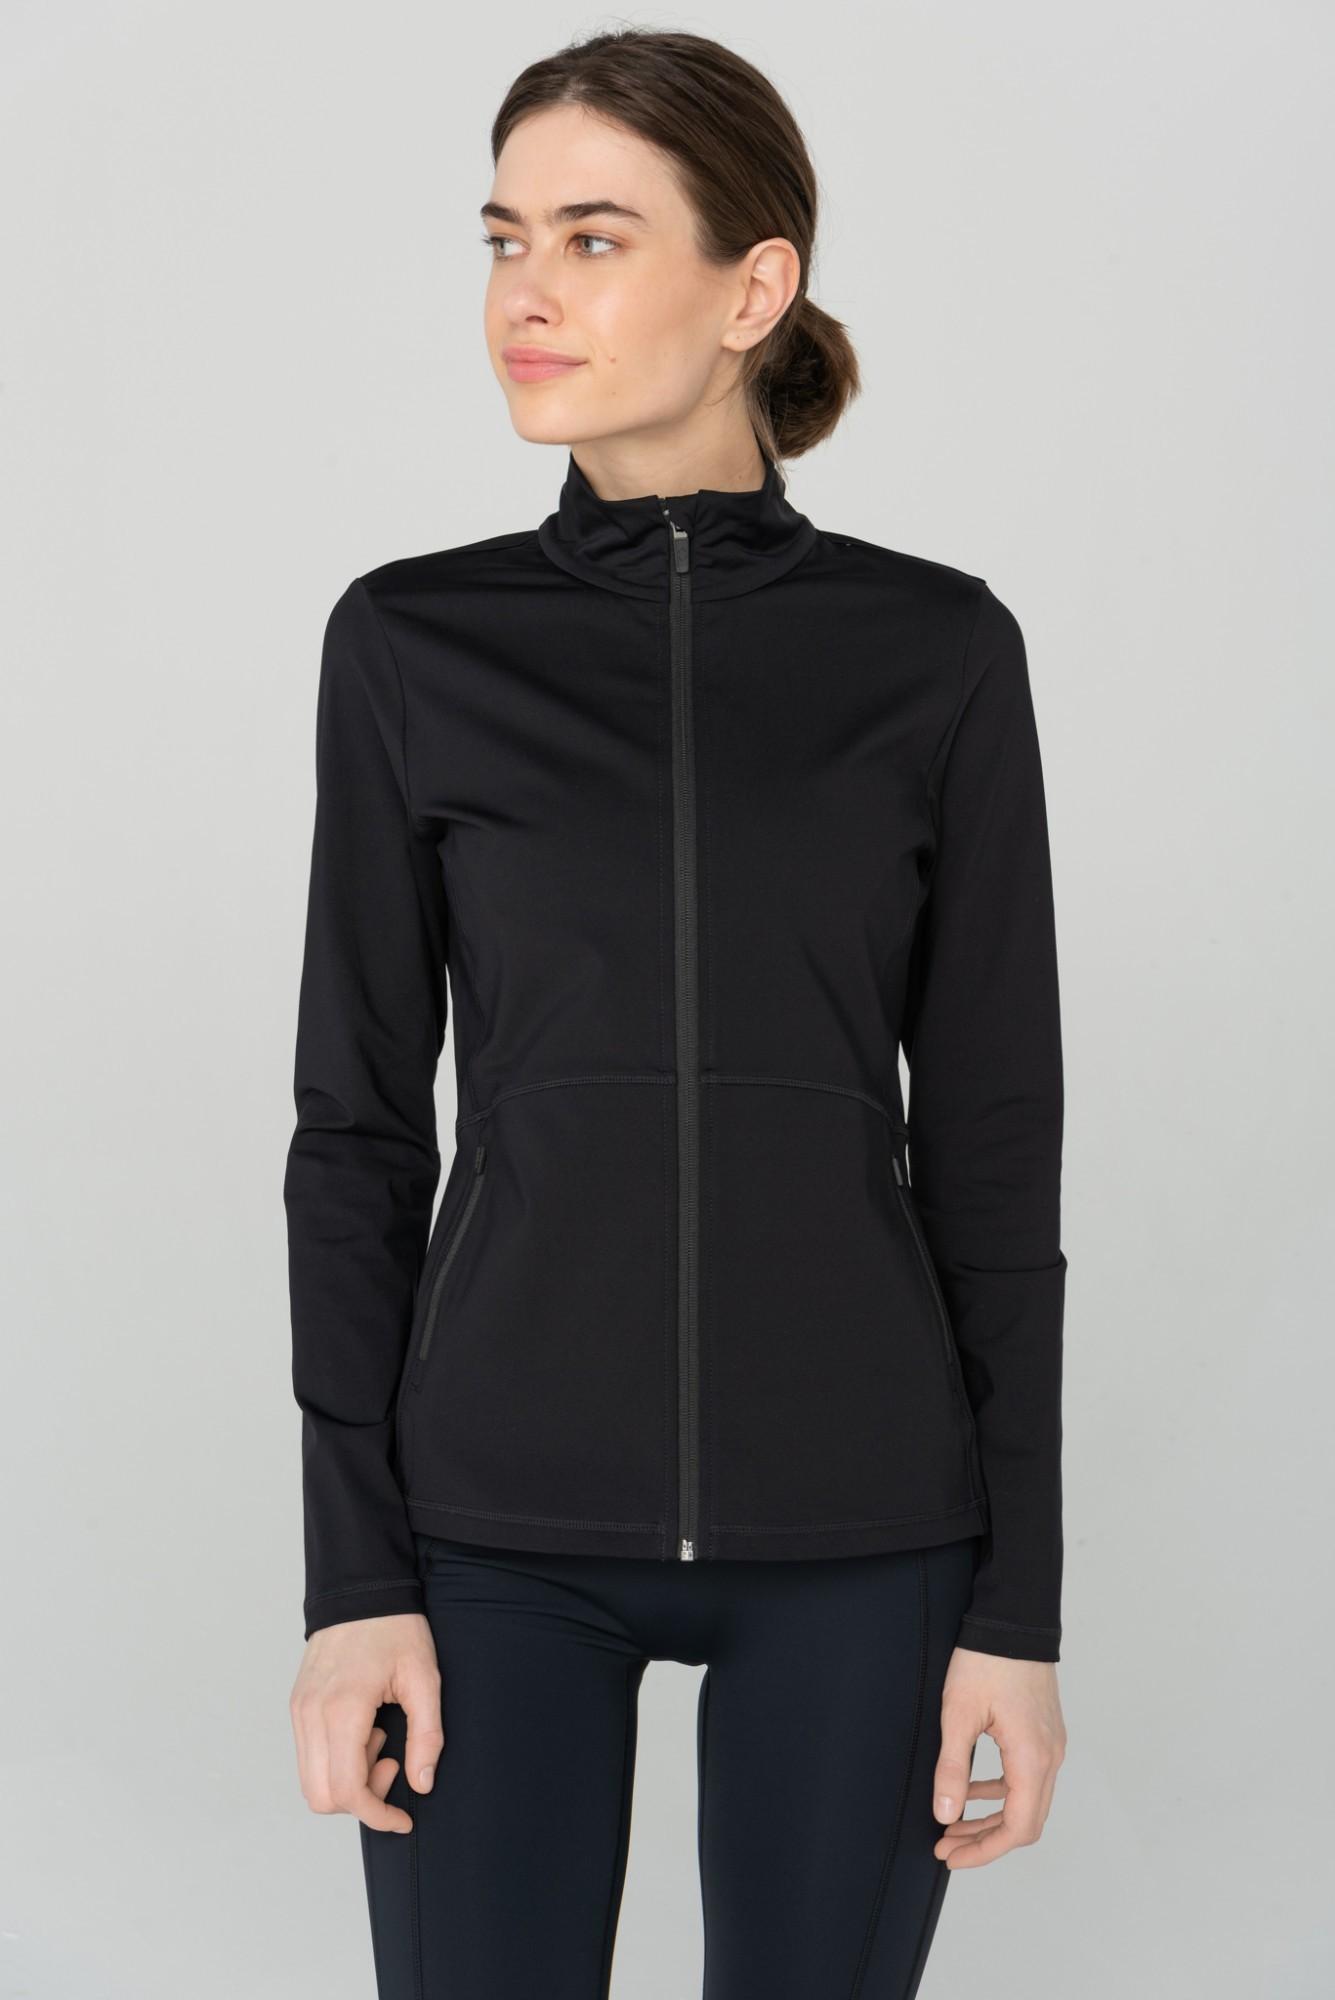 AUDIMAS Funkcionalus atsegamas džemperis 2111-302 Black XL